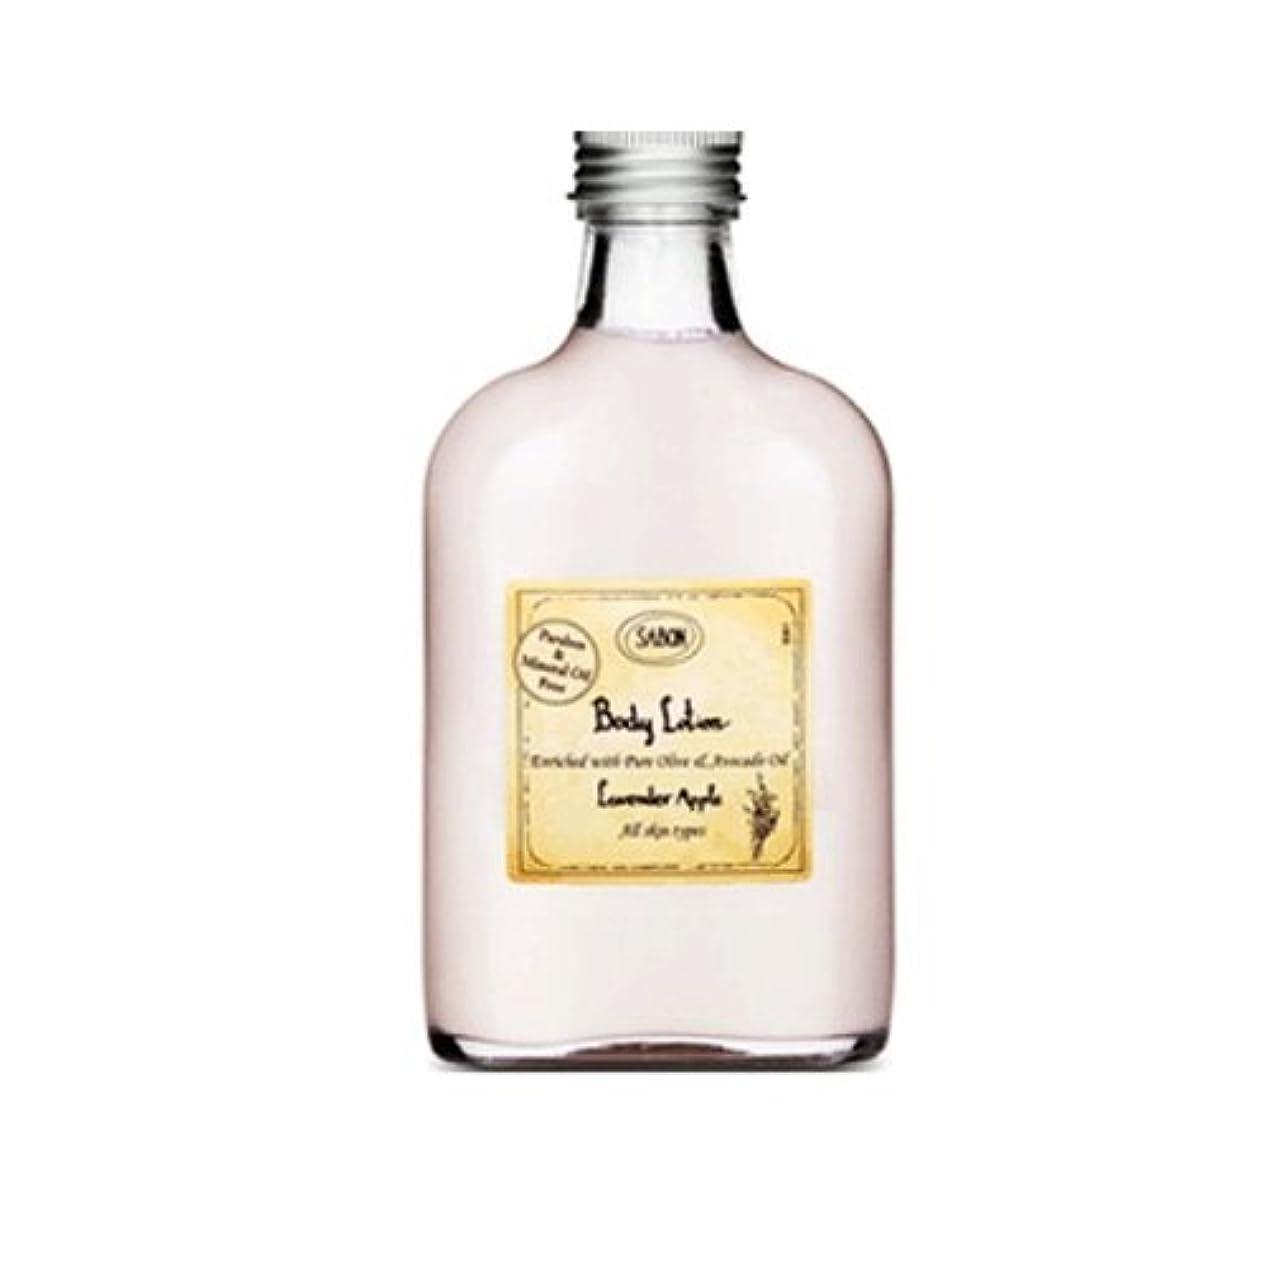 【サボン】ボディローション ラベンダーアップル (ボトル) 200ml [並行輸入品]